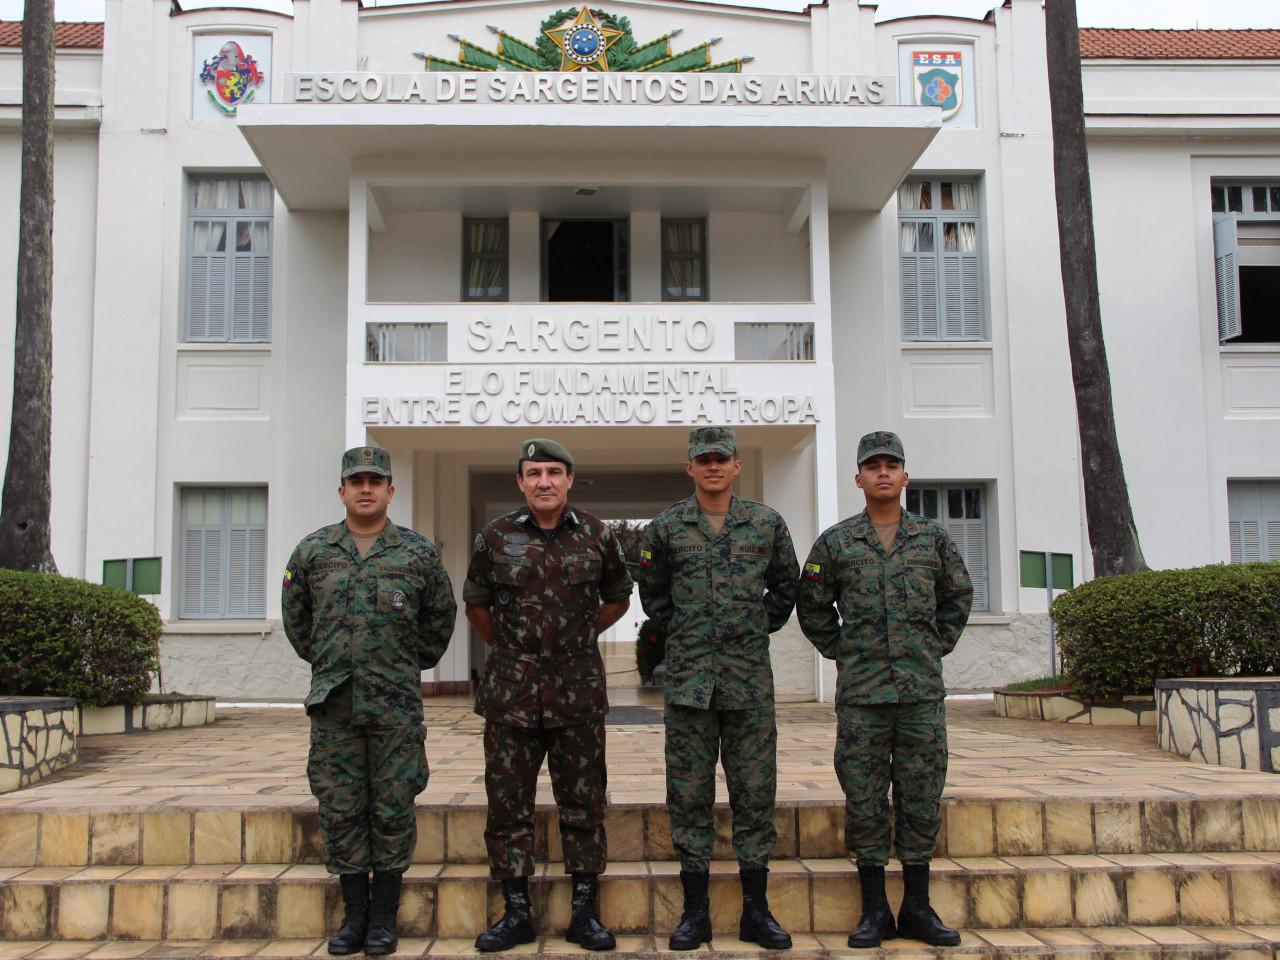 Visita da Escuela de Formación de Soldados del Ejército, da Republica do Equador